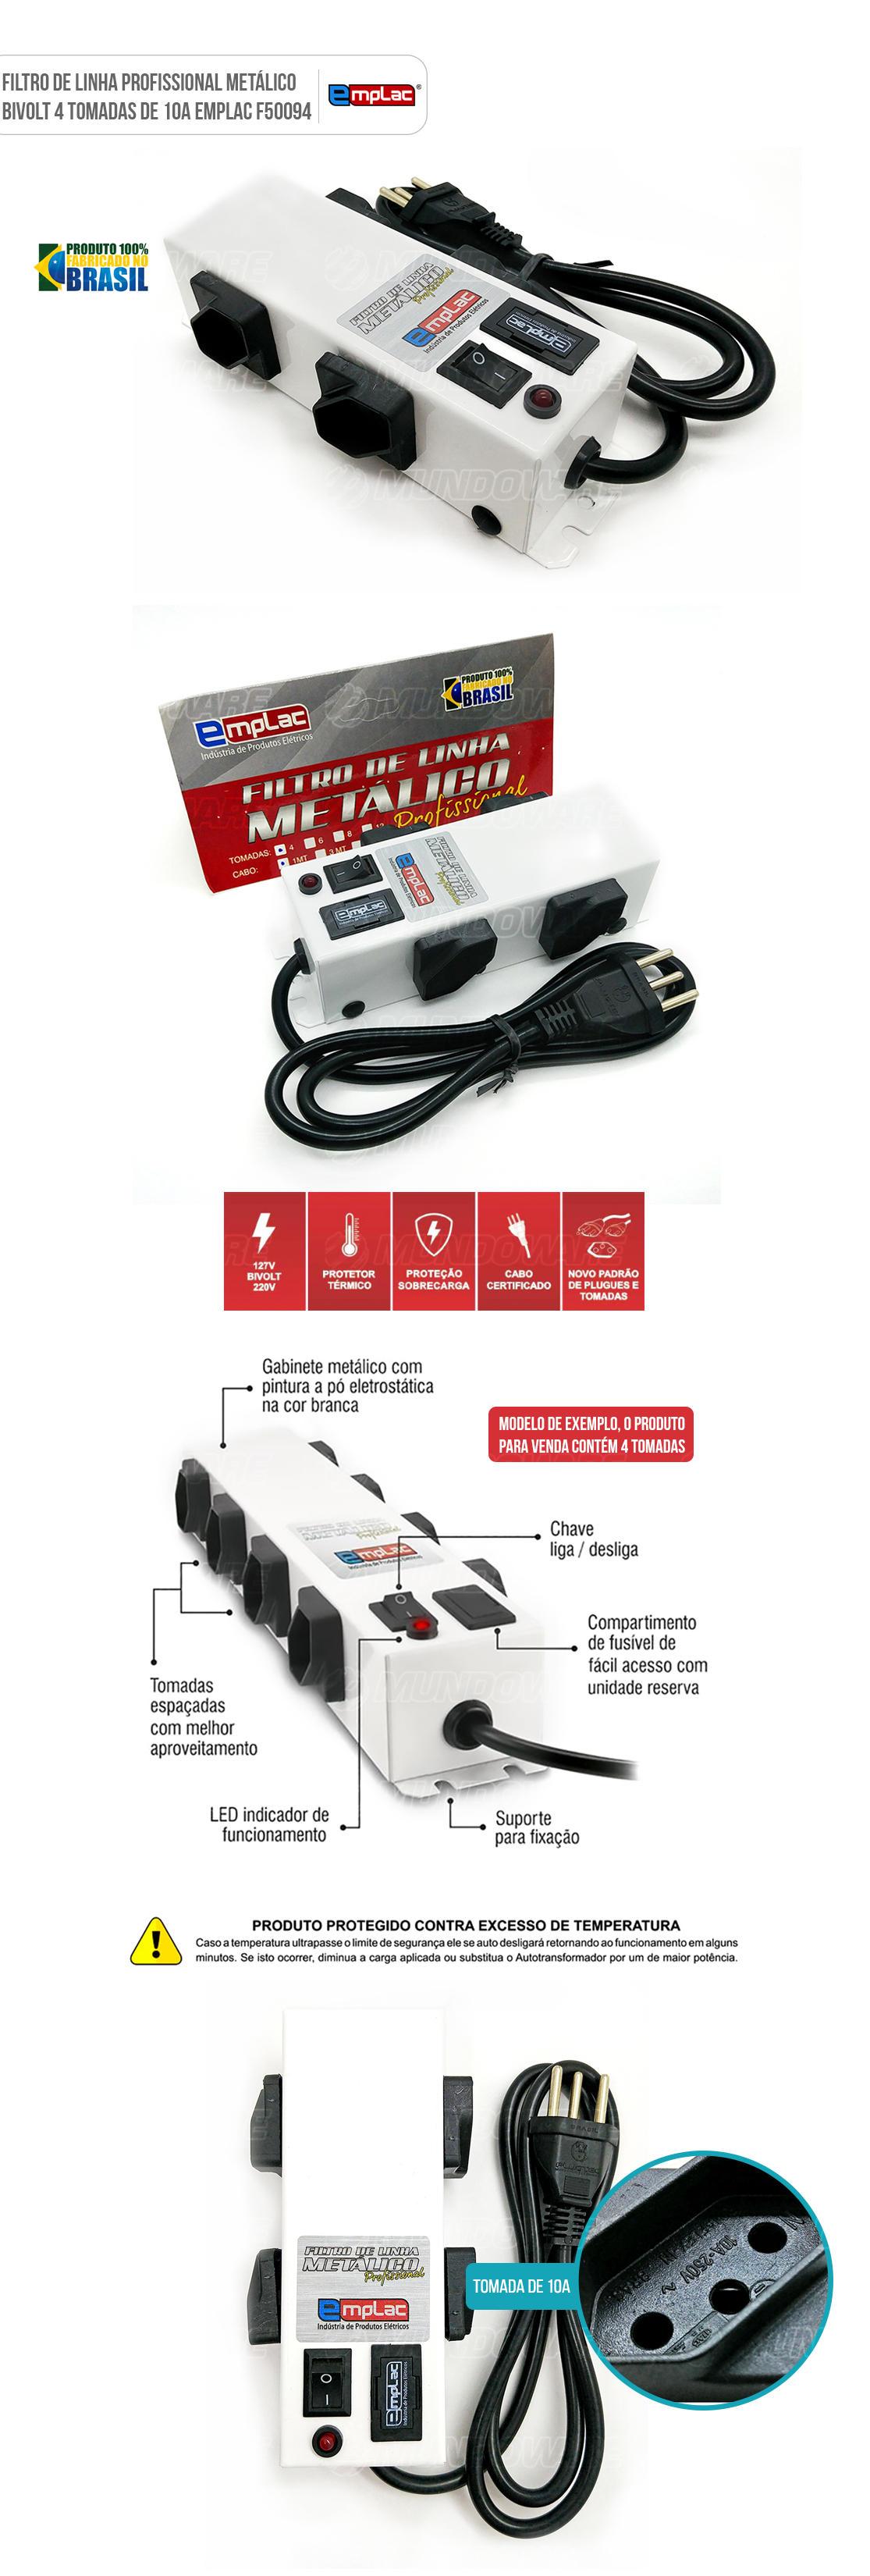 Régua de Energia Profissional Metálica Filtro de Linha 4 tomadas Bivolt Metalico 10A com Led indicador e botão de liga-desliga